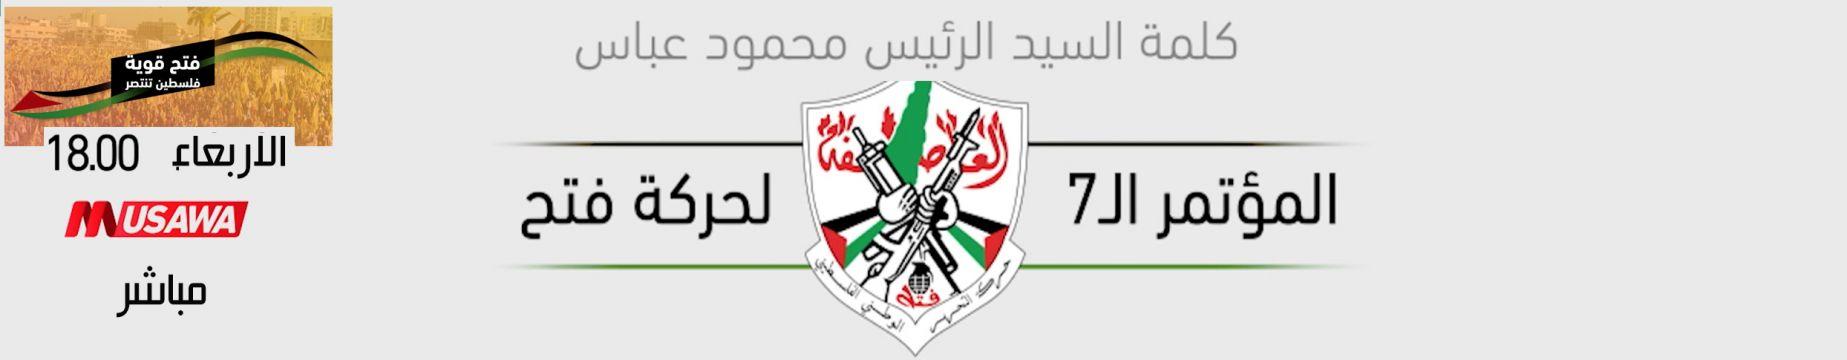 المؤتمر السابع لحركة فتح